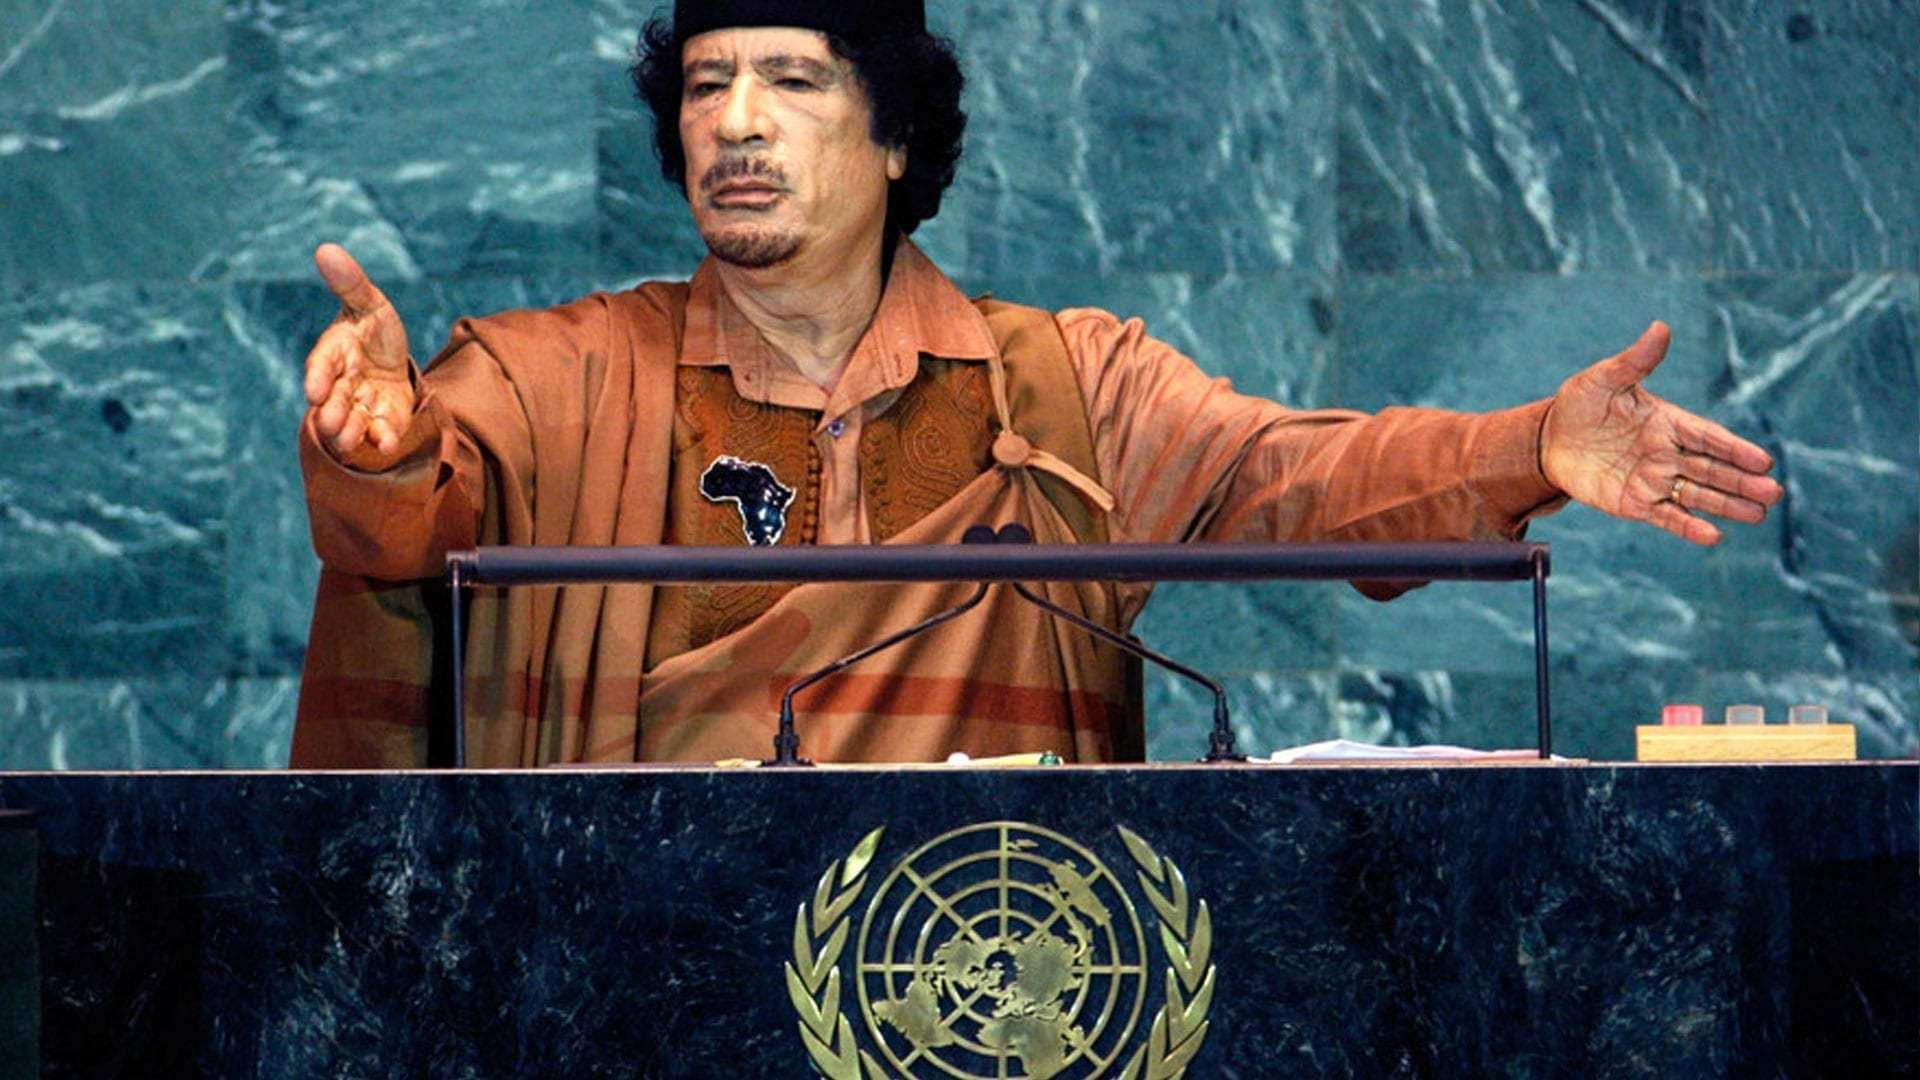 muammar-gaddafi:-sie-werden-ein-virus-erschaffen-und-das-gegenmittel-dazu-verkaufen-–-uncut-news.ch